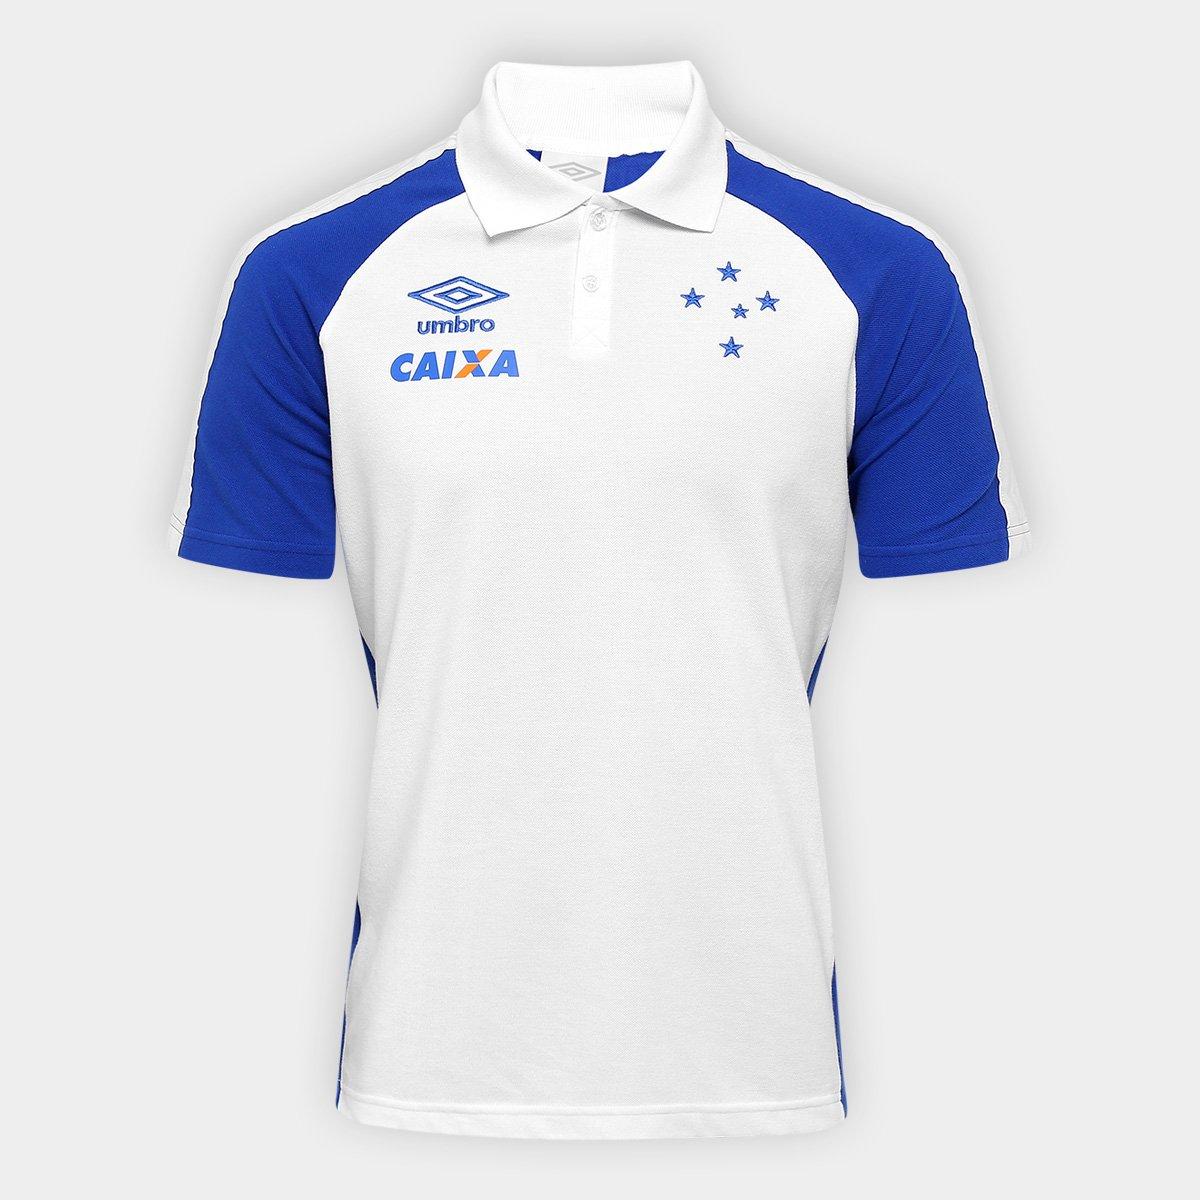 Camisa Polo Cruzeiro Viagem 17 18 Umbro Masculina - Compre Agora ... 0f1d695b82a38